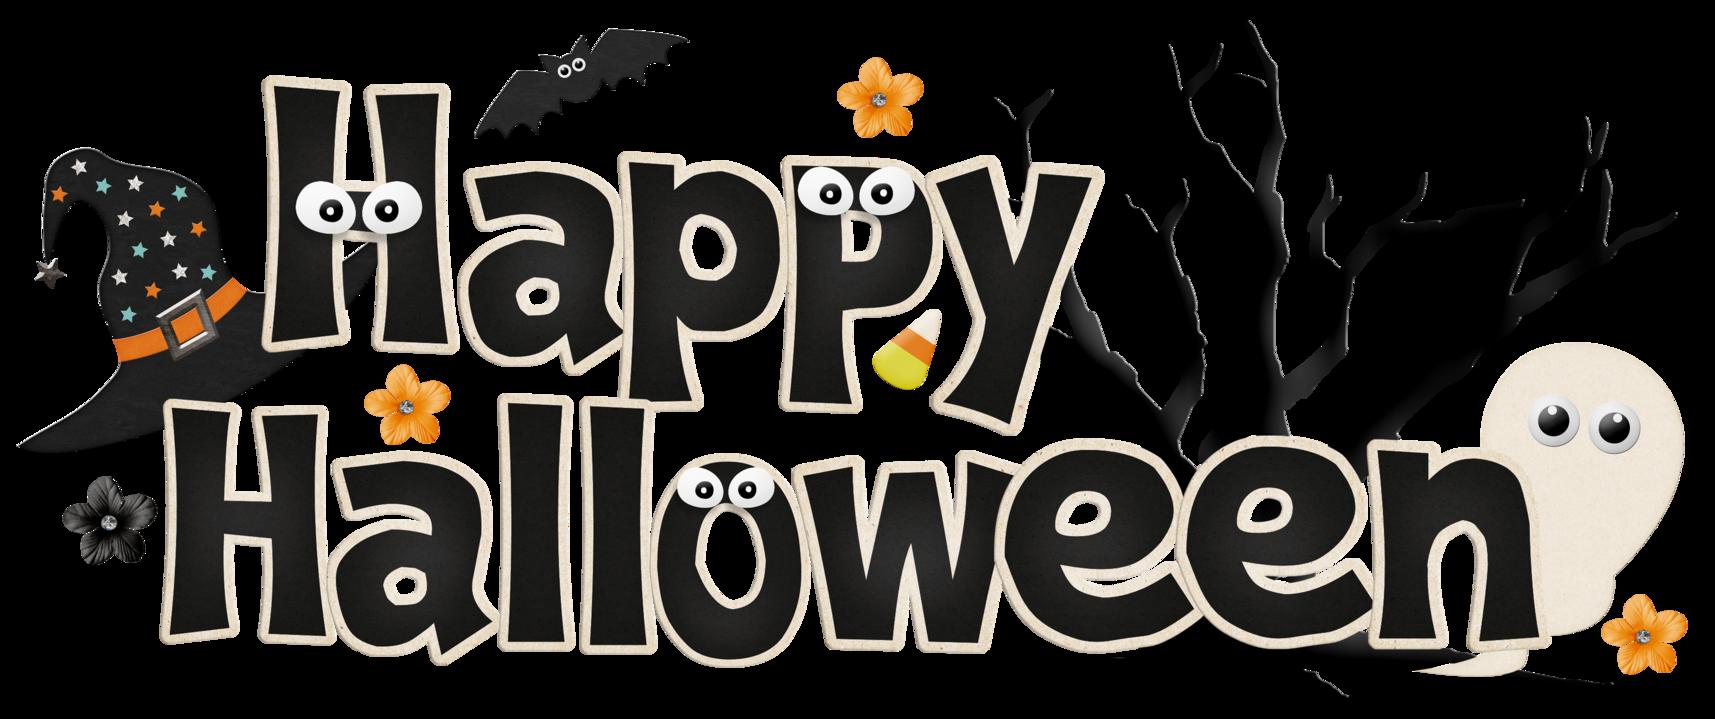 Happy halloween png clipart